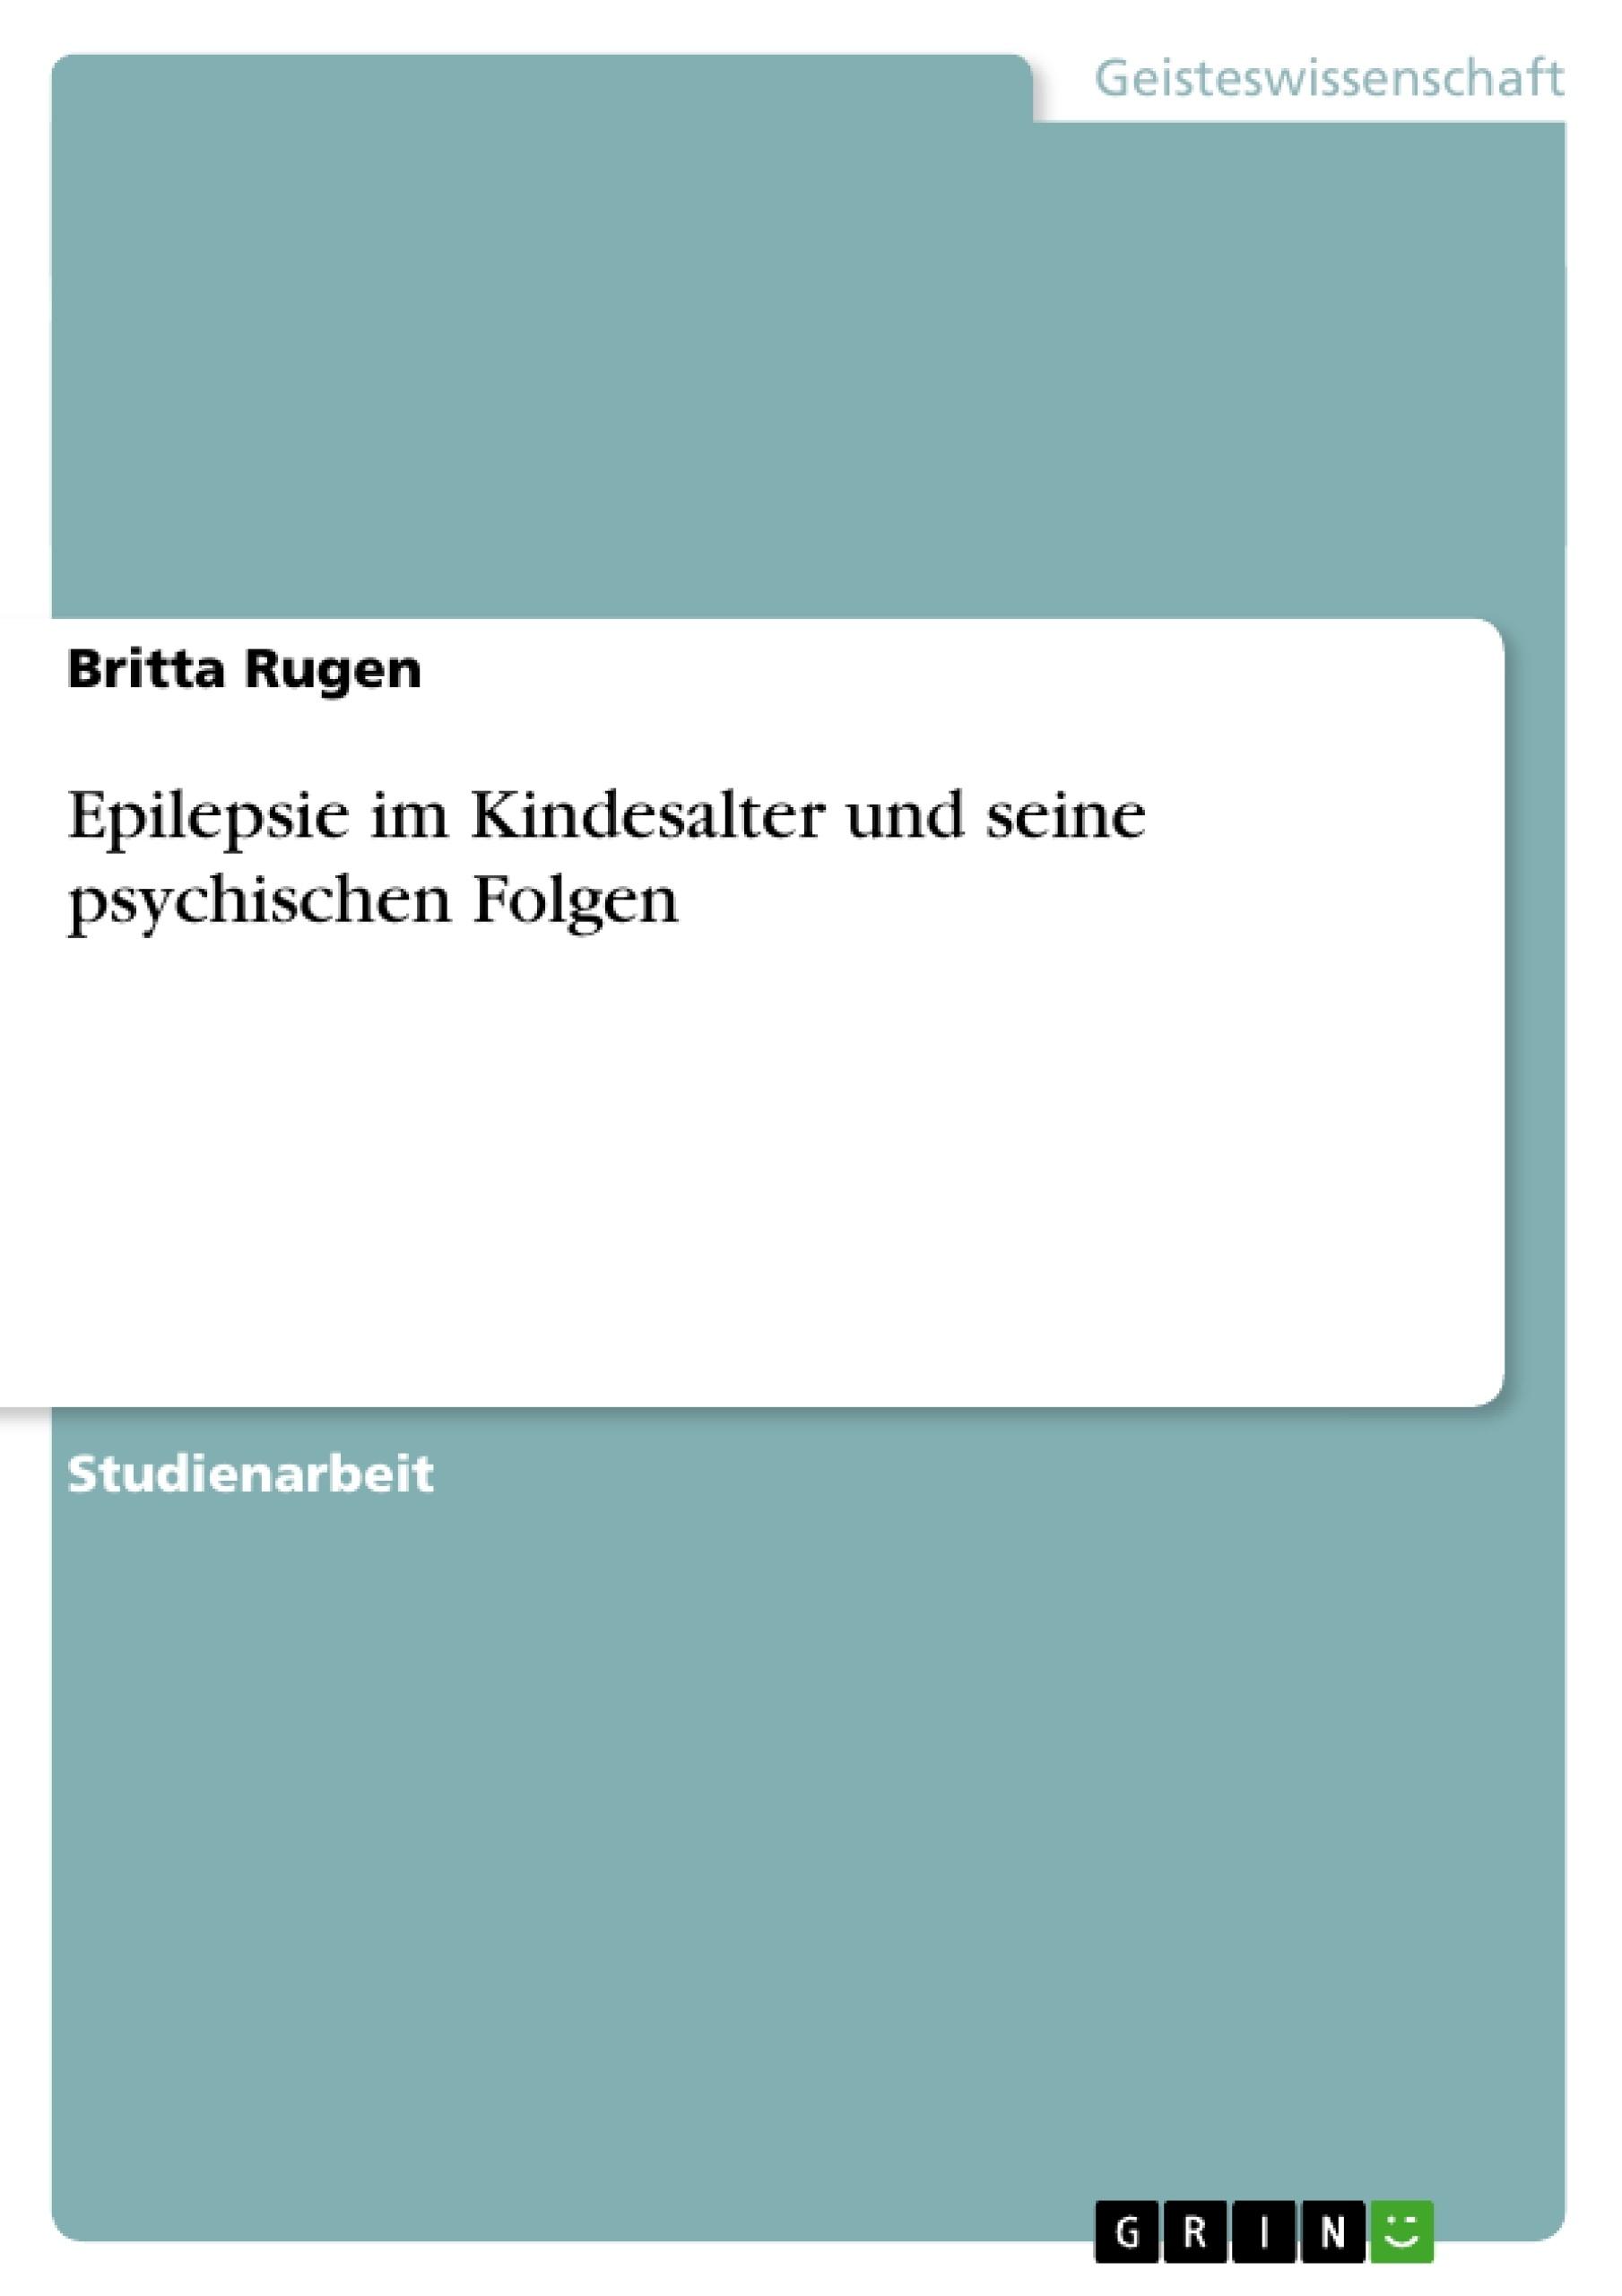 Titel: Epilepsie im Kindesalter und seine psychischen Folgen